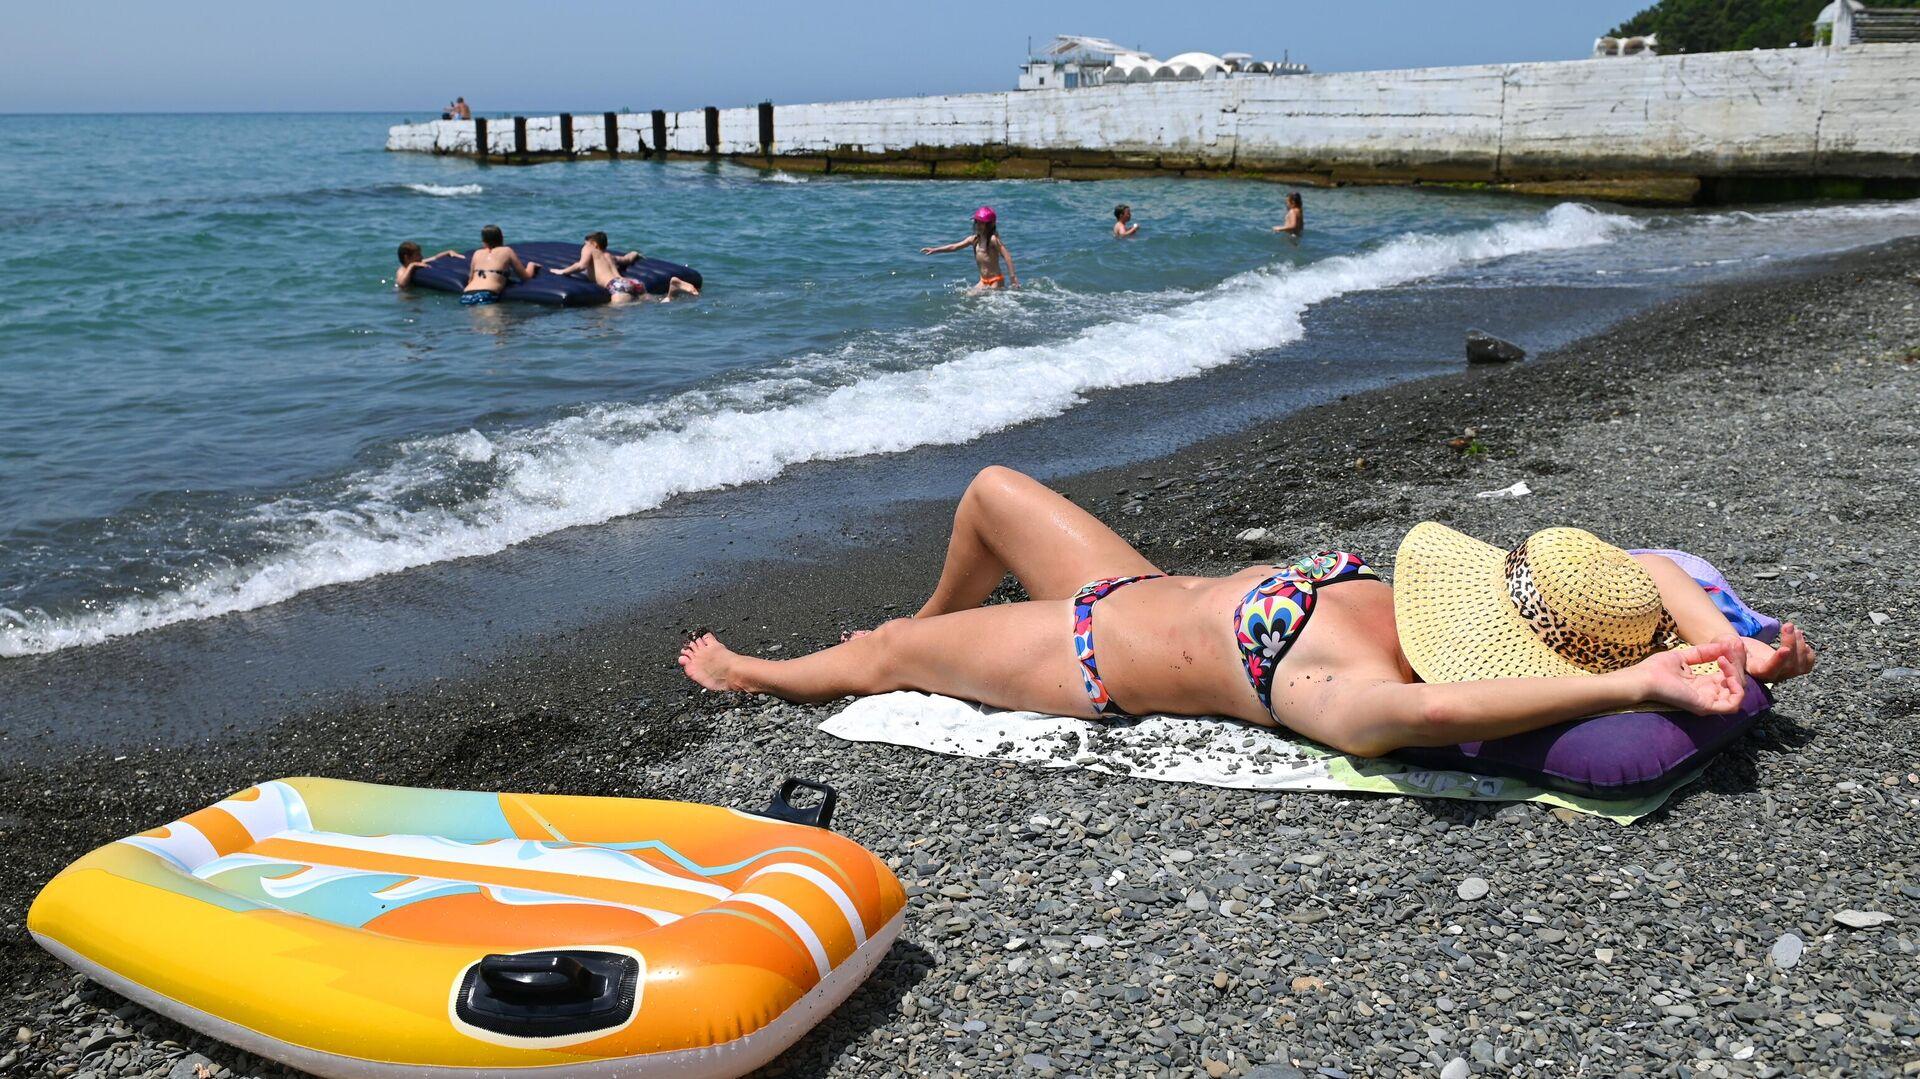 Отдыхающие на пляже в Хостинском районе города Сочи - РИА Новости, 1920, 07.06.2021